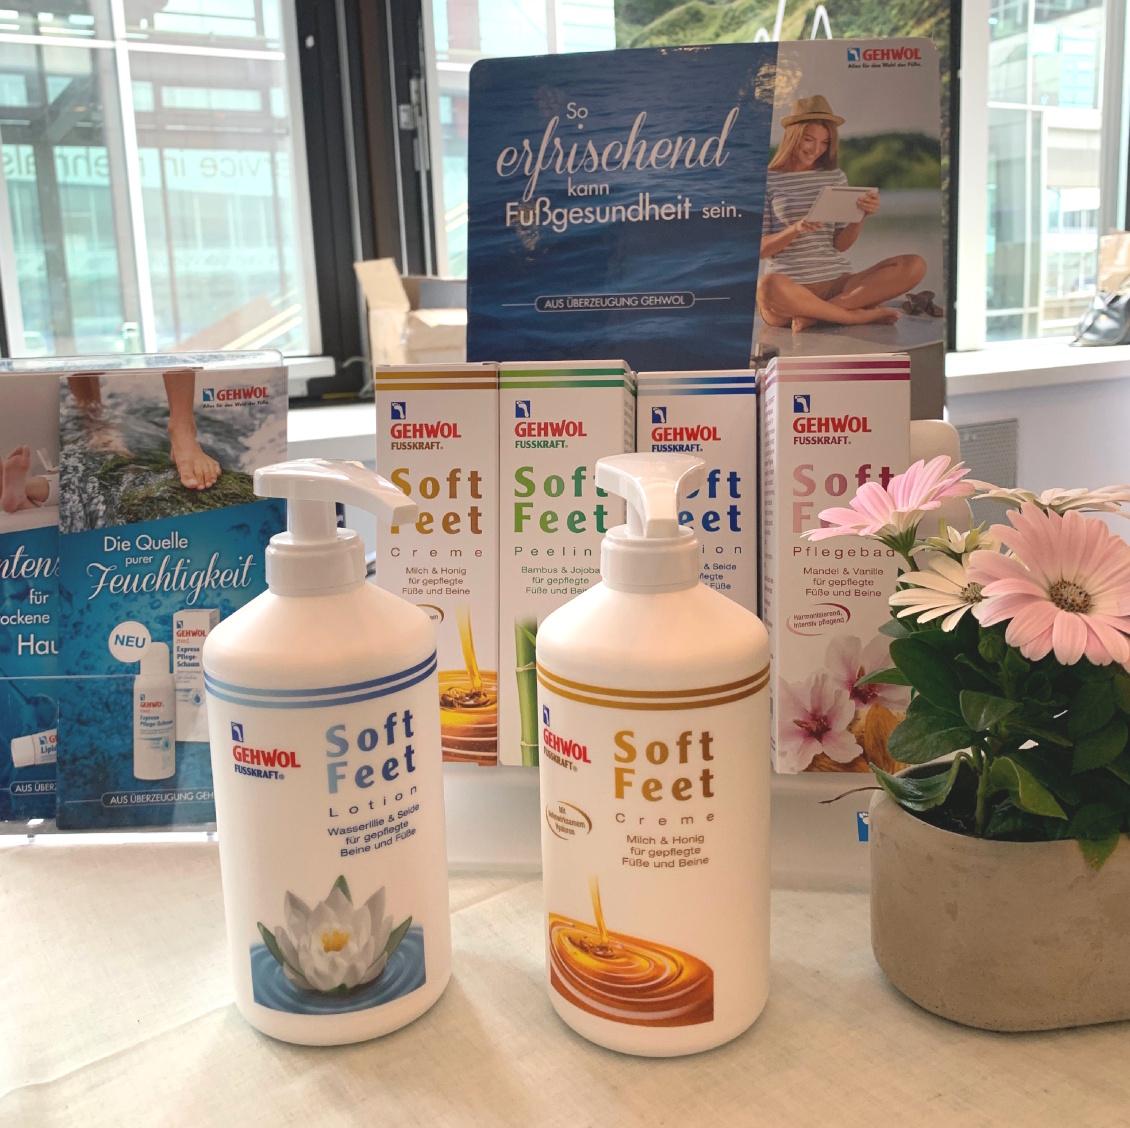 beautypress Blogger Event Mai 2019 Frankfurt Eventbericht - gehwol Soft Feet